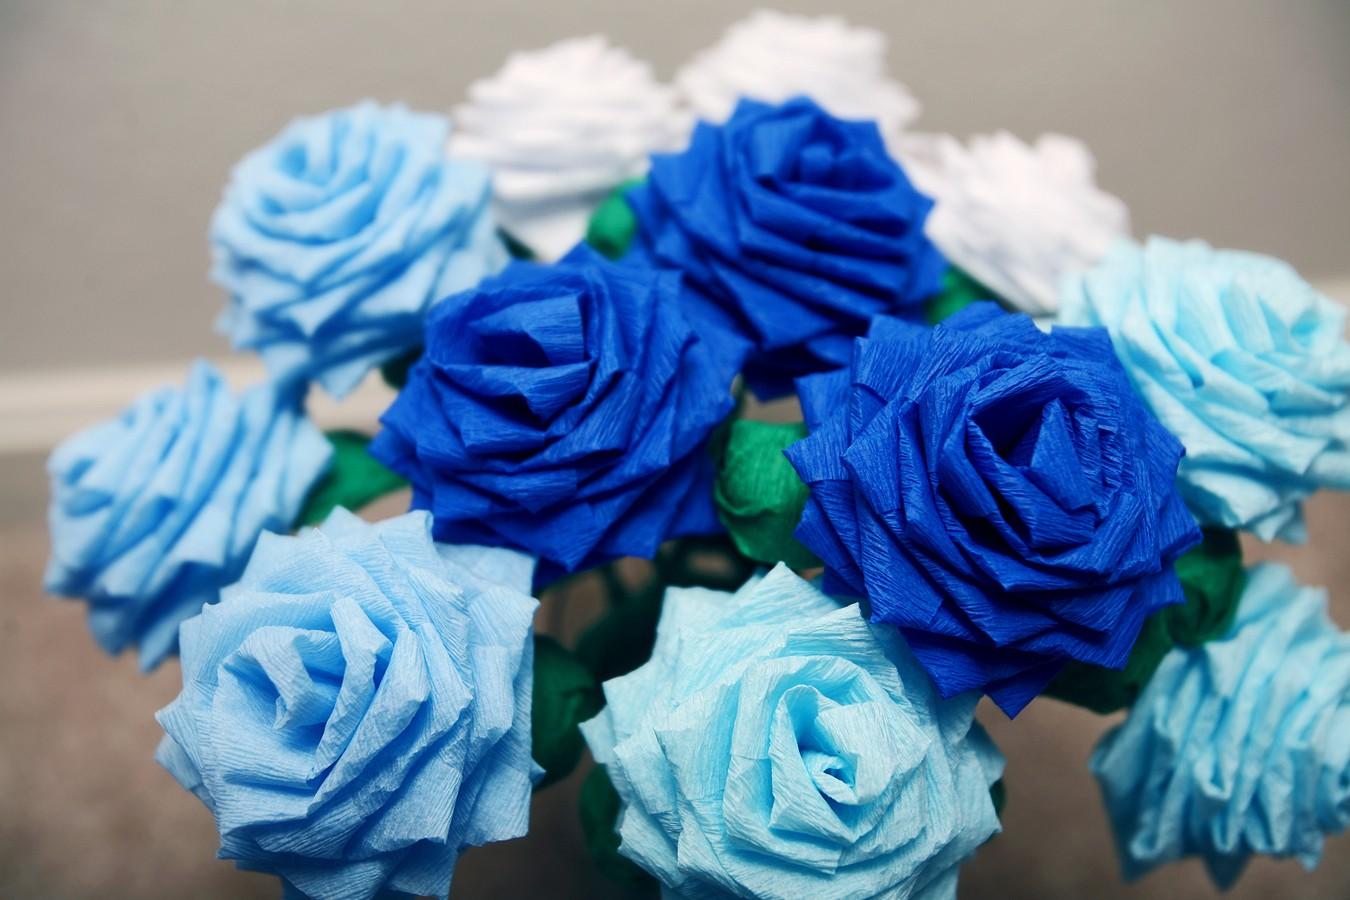 Blue Flowers Bouquet 24 Desktop Wallpaper - HdFlowerWallpaper.com